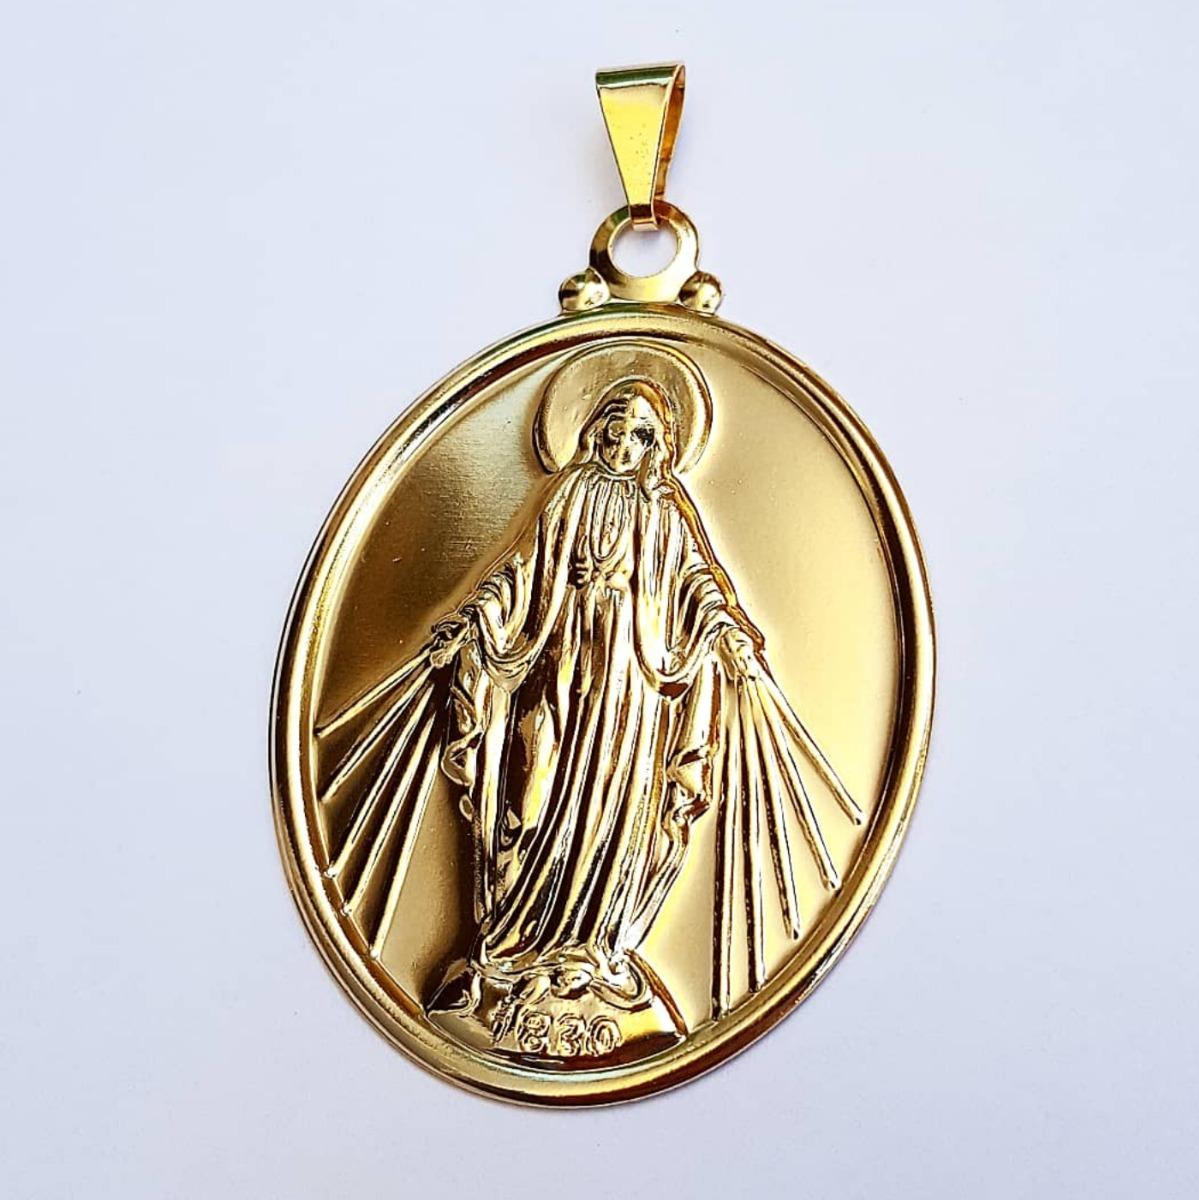 fd79f04b3 pingente nossa senhora das graças banhado a ouro 18k 4cm. Carregando zoom.